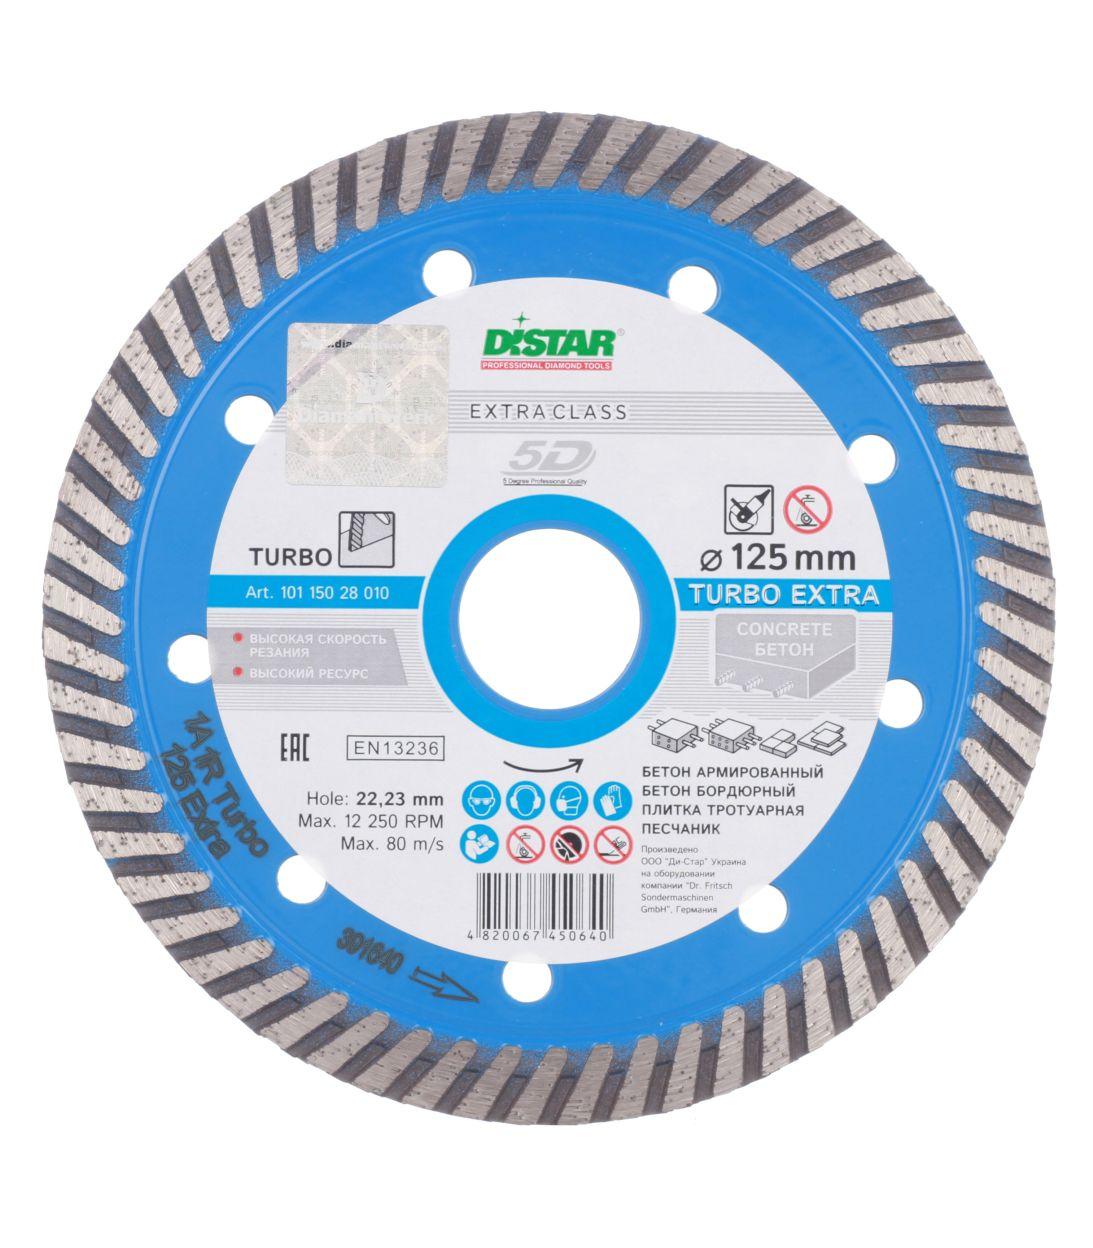 Диск алмазный турбо DI-STAR 5D 125x22,2 мм диск алмазный турбо 200x25 4 di star